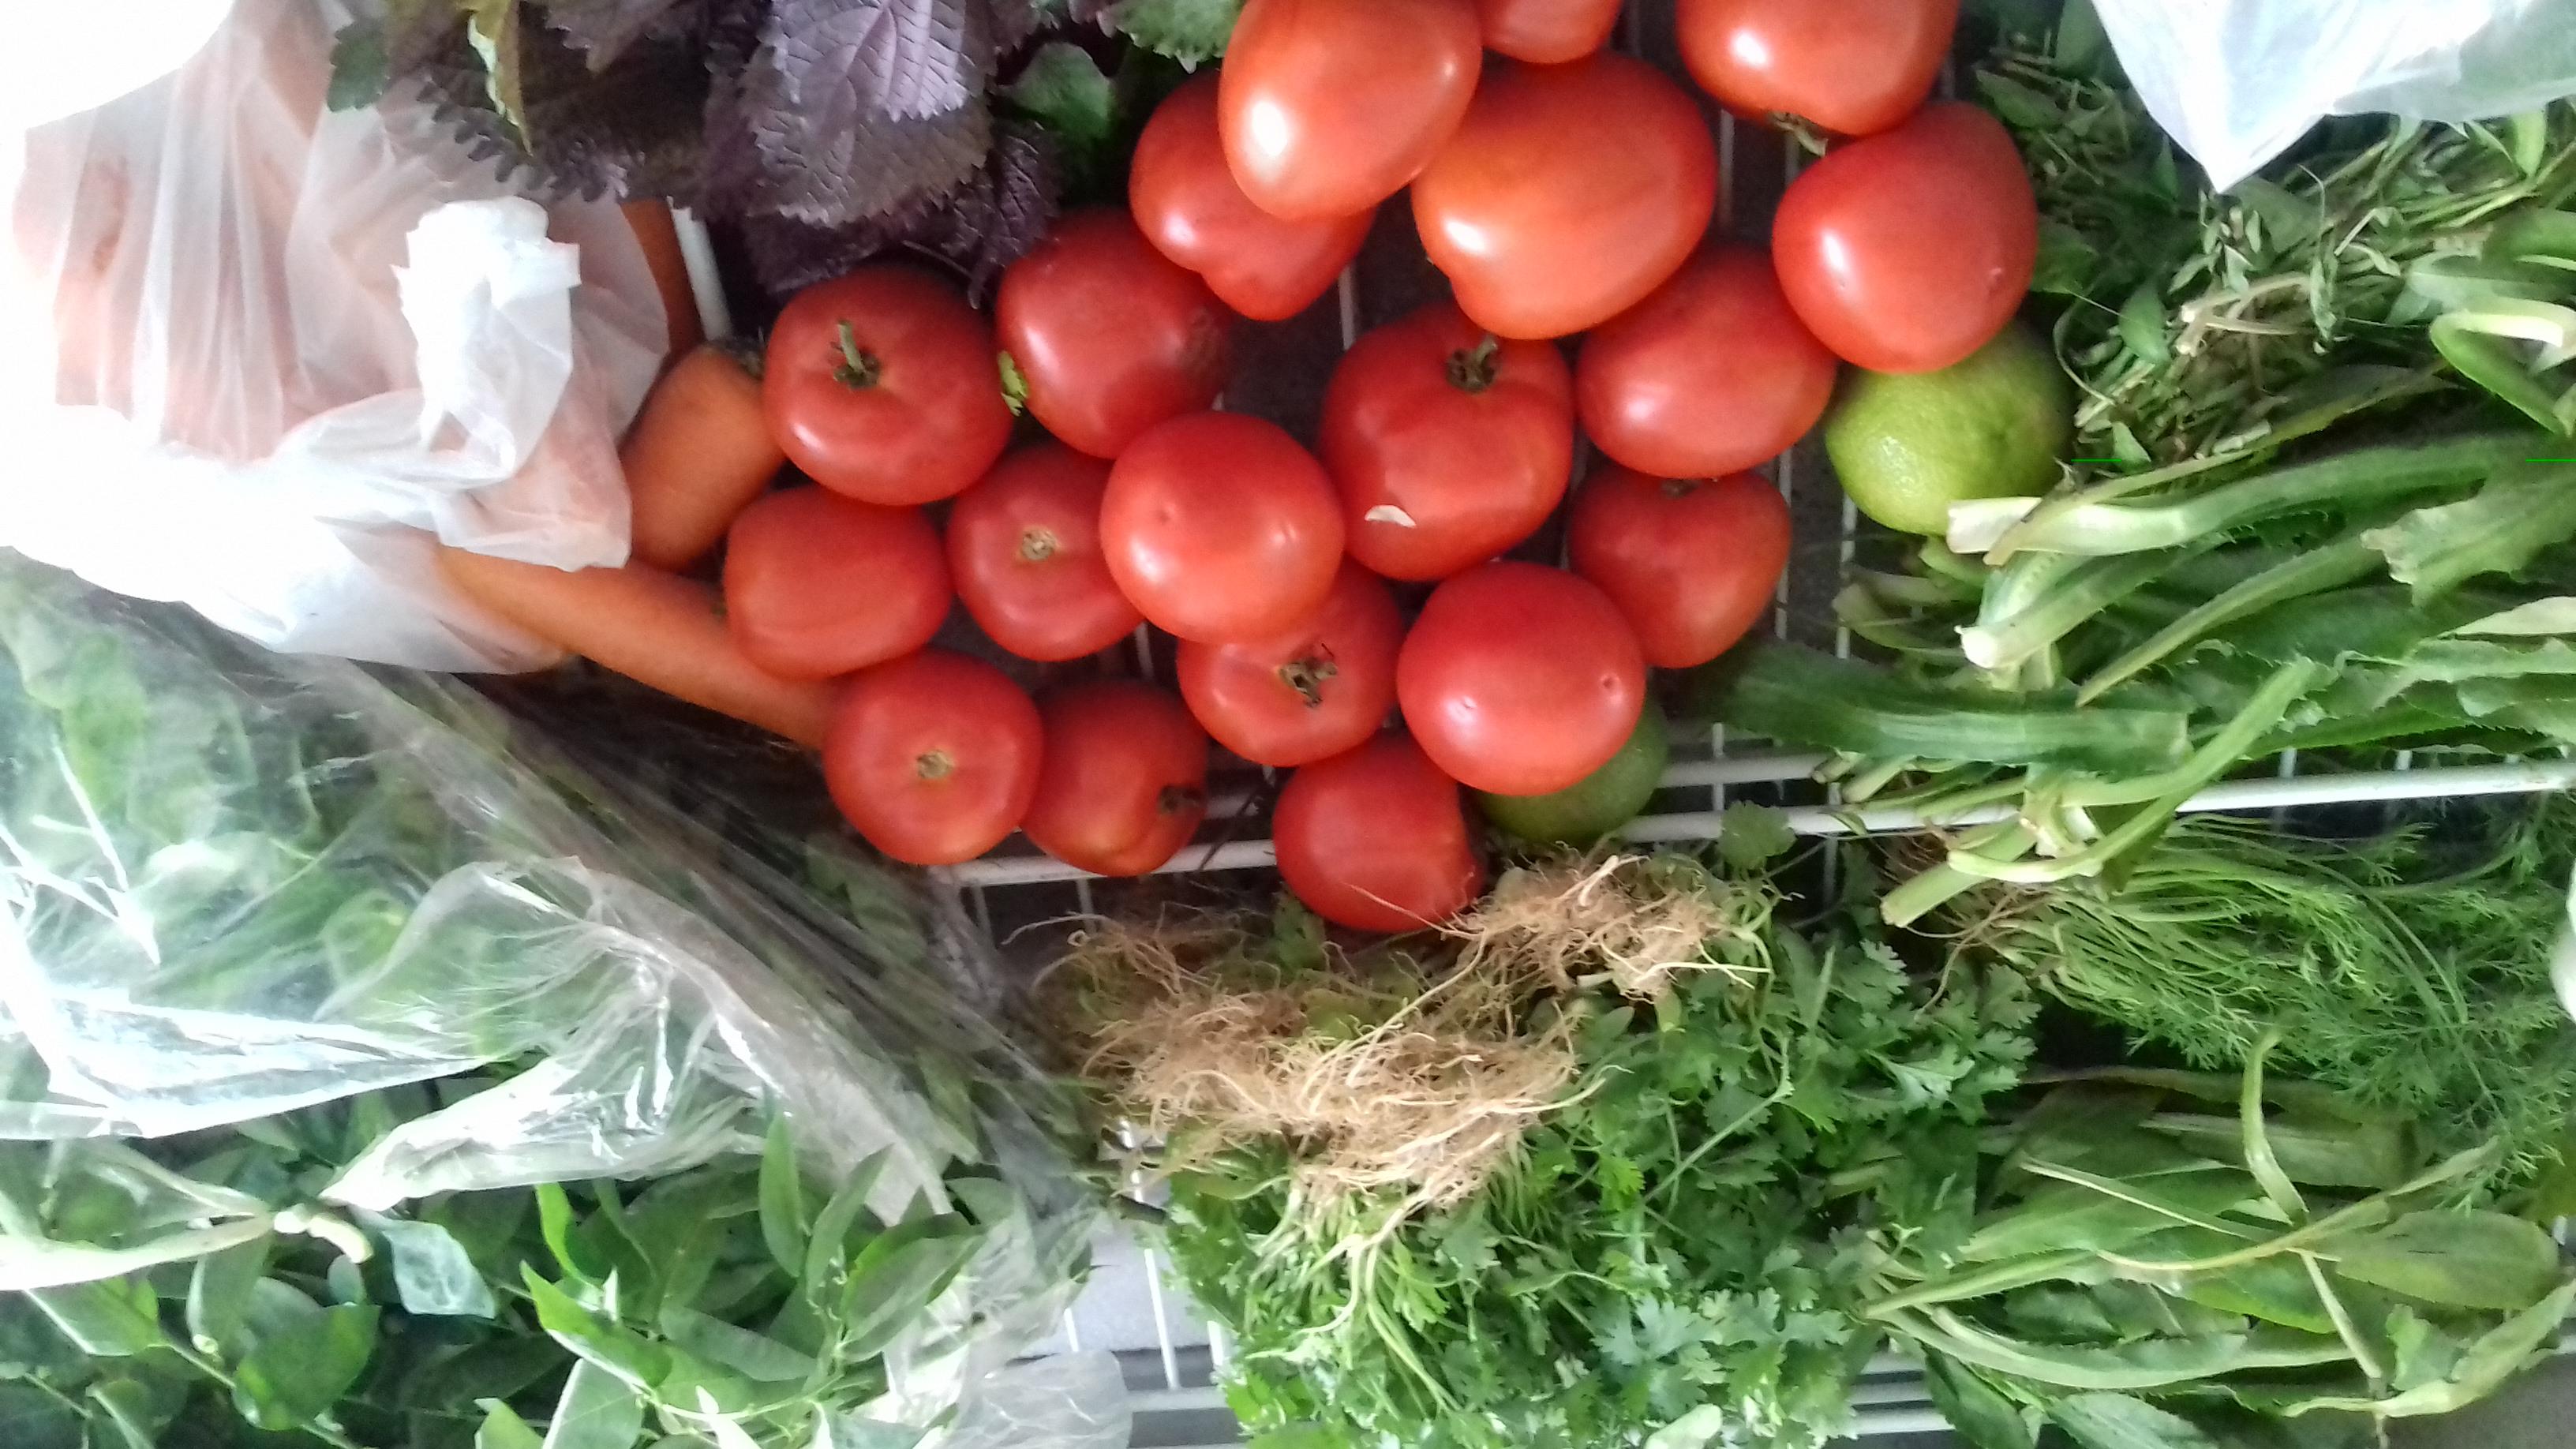 Quy định của pháp luật về vệ sinh an toàn thực phẩm